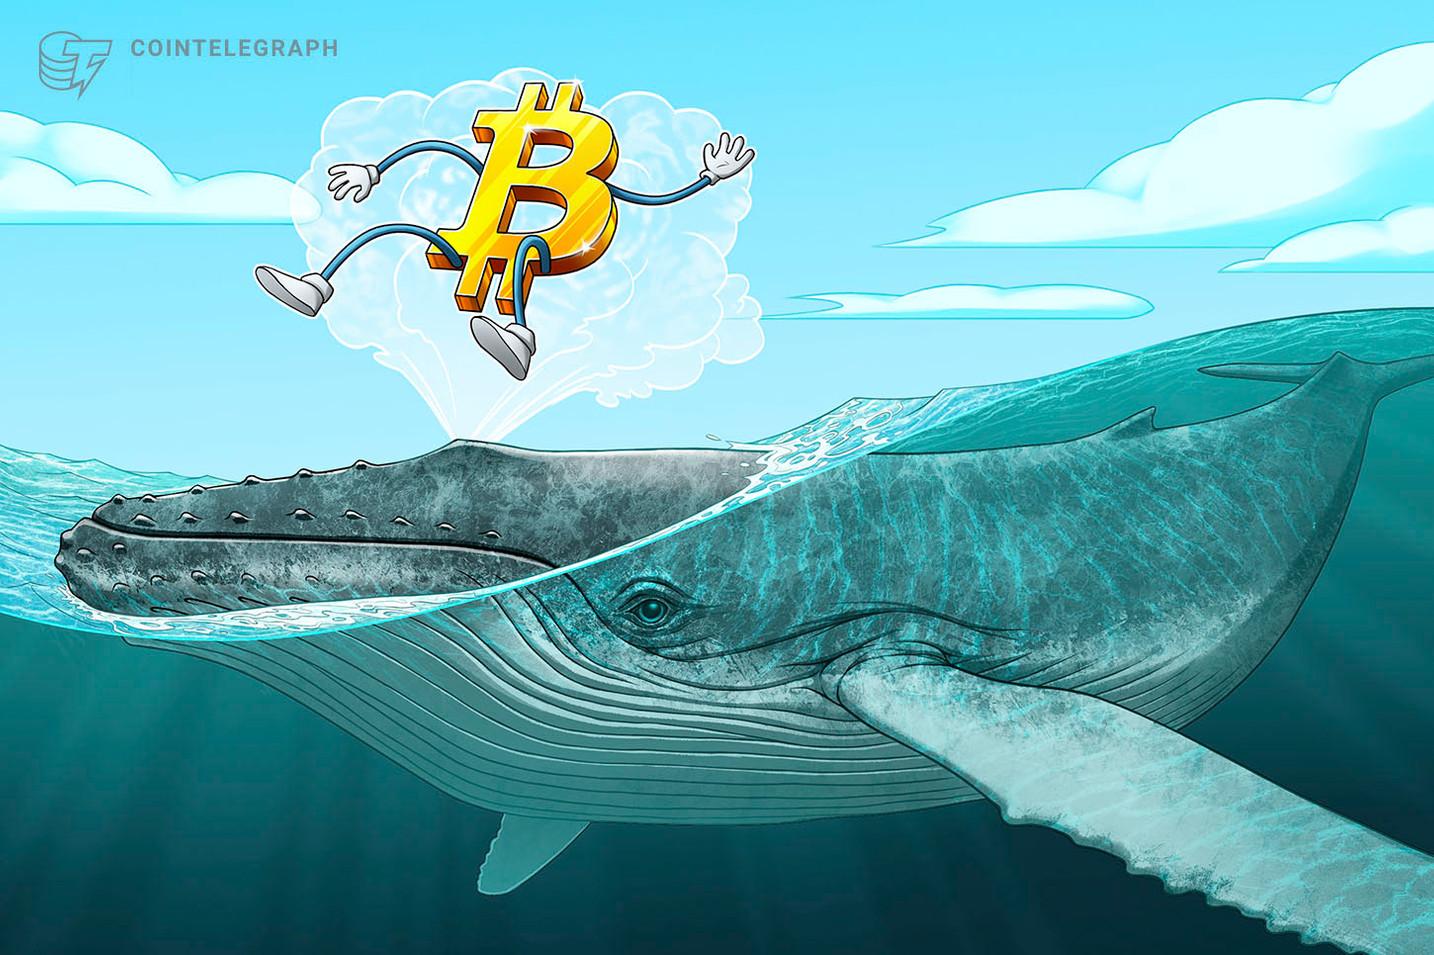 El conglomerado de ballenas de Bitcoin a USD 10,570 es el nivel más importante en este momento